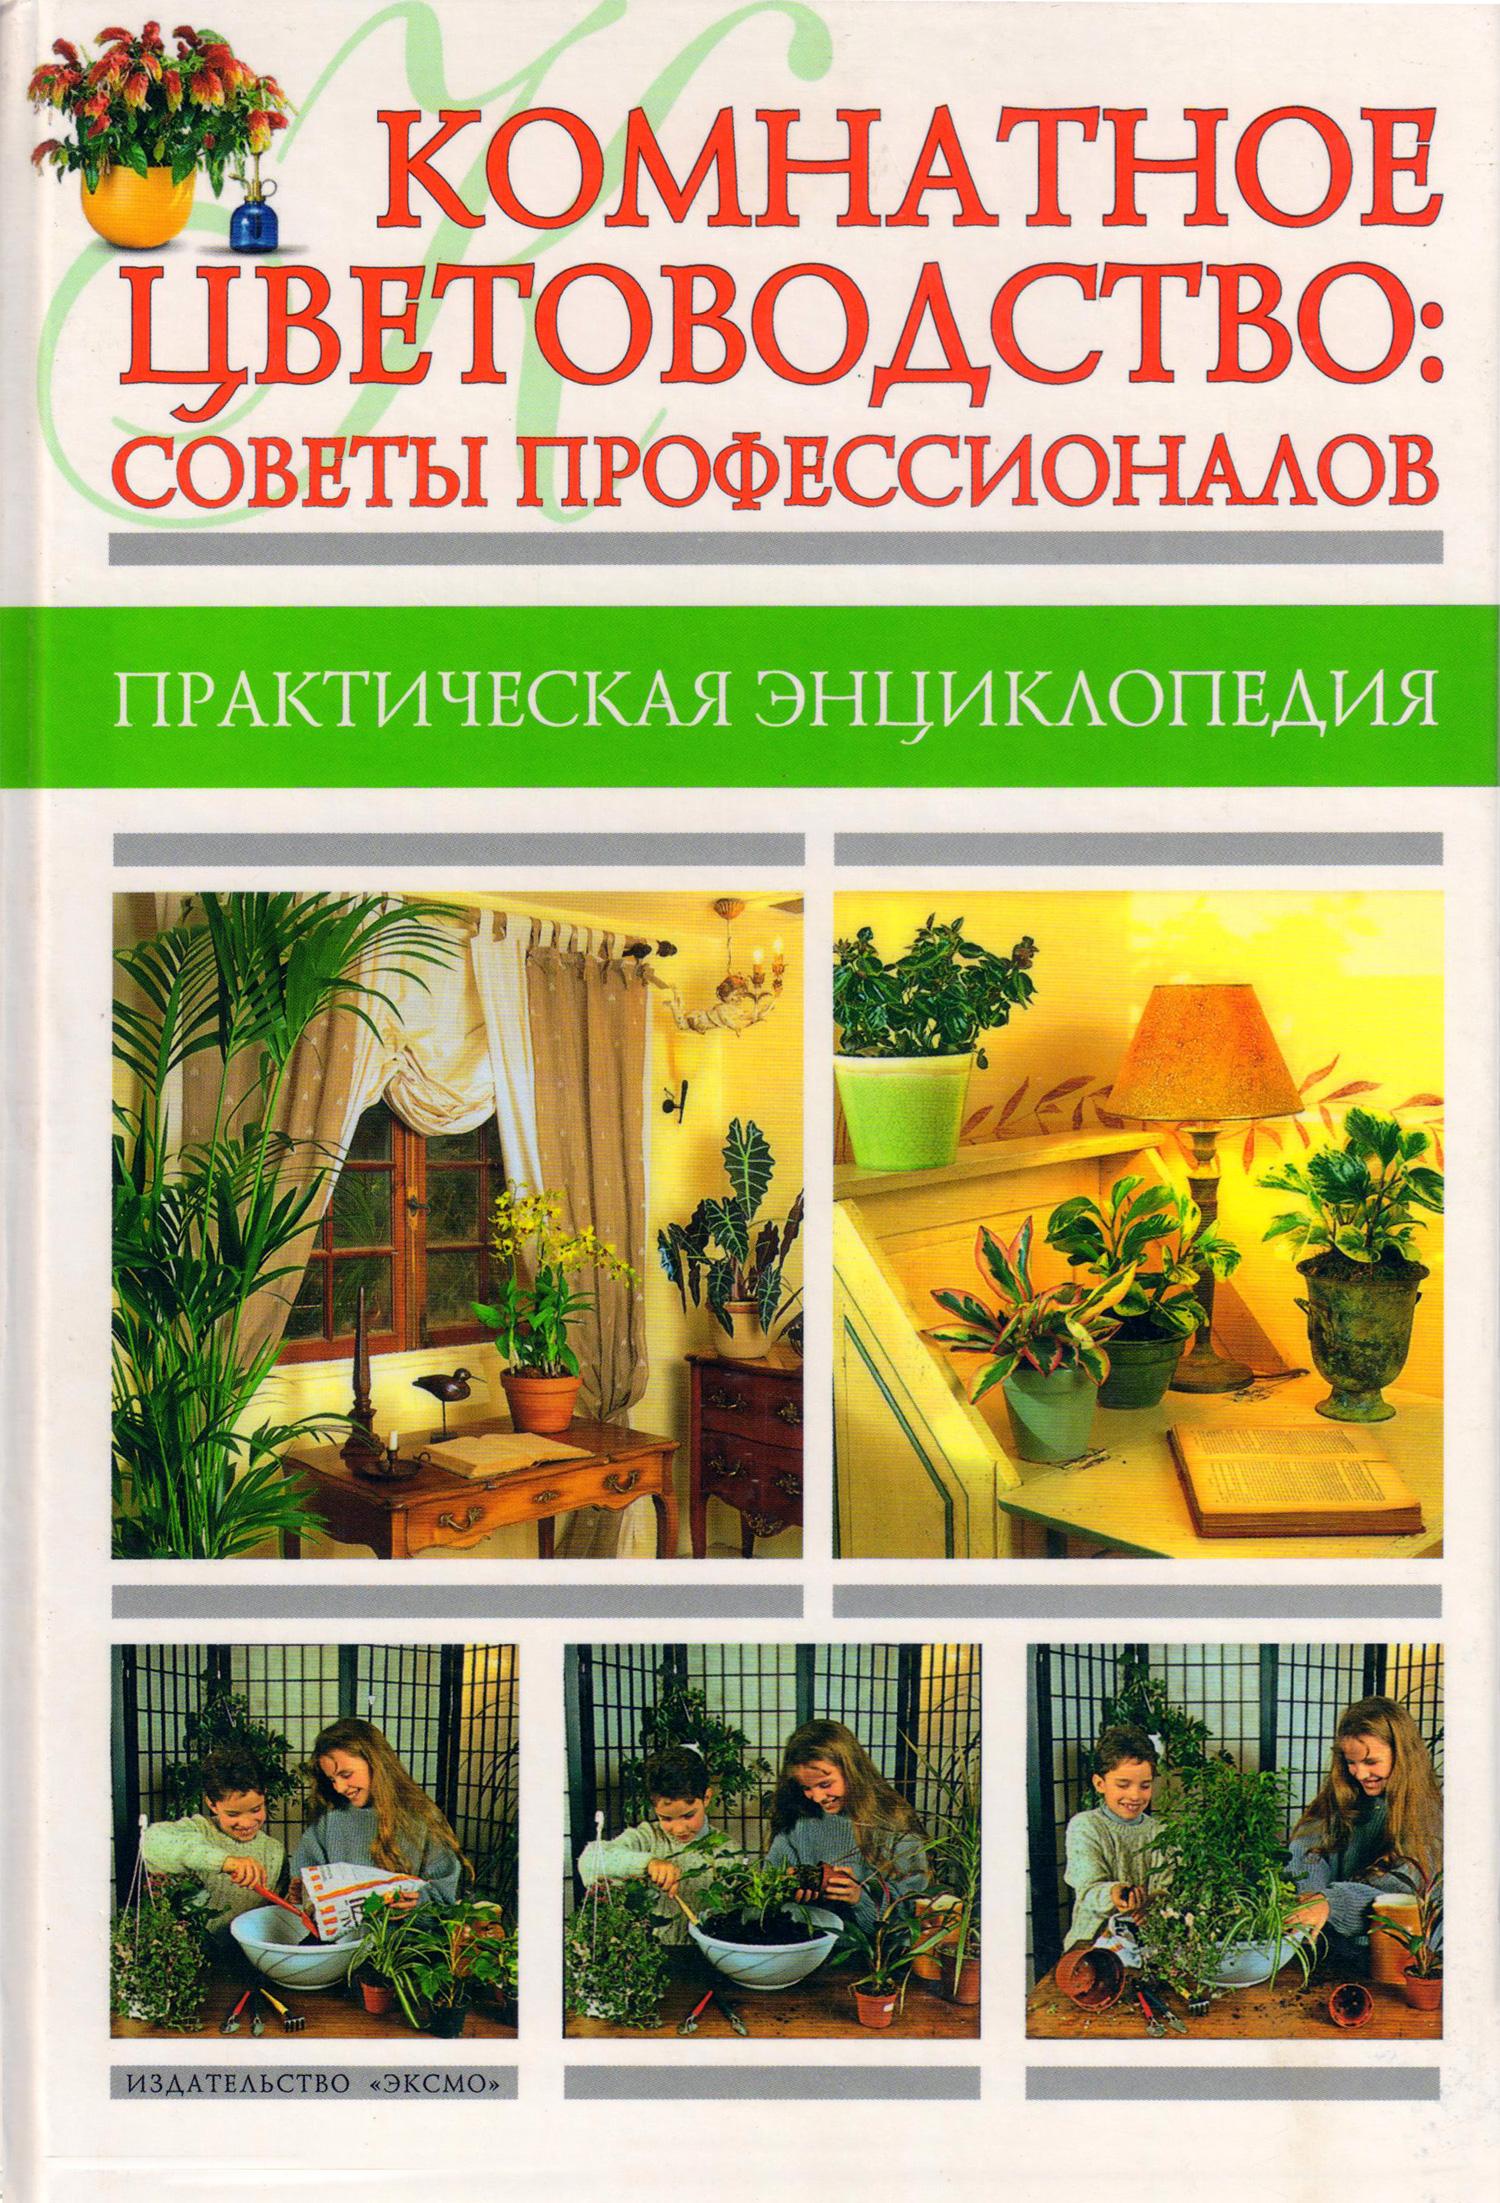 Комнатное цветоводство: советы профессионалов